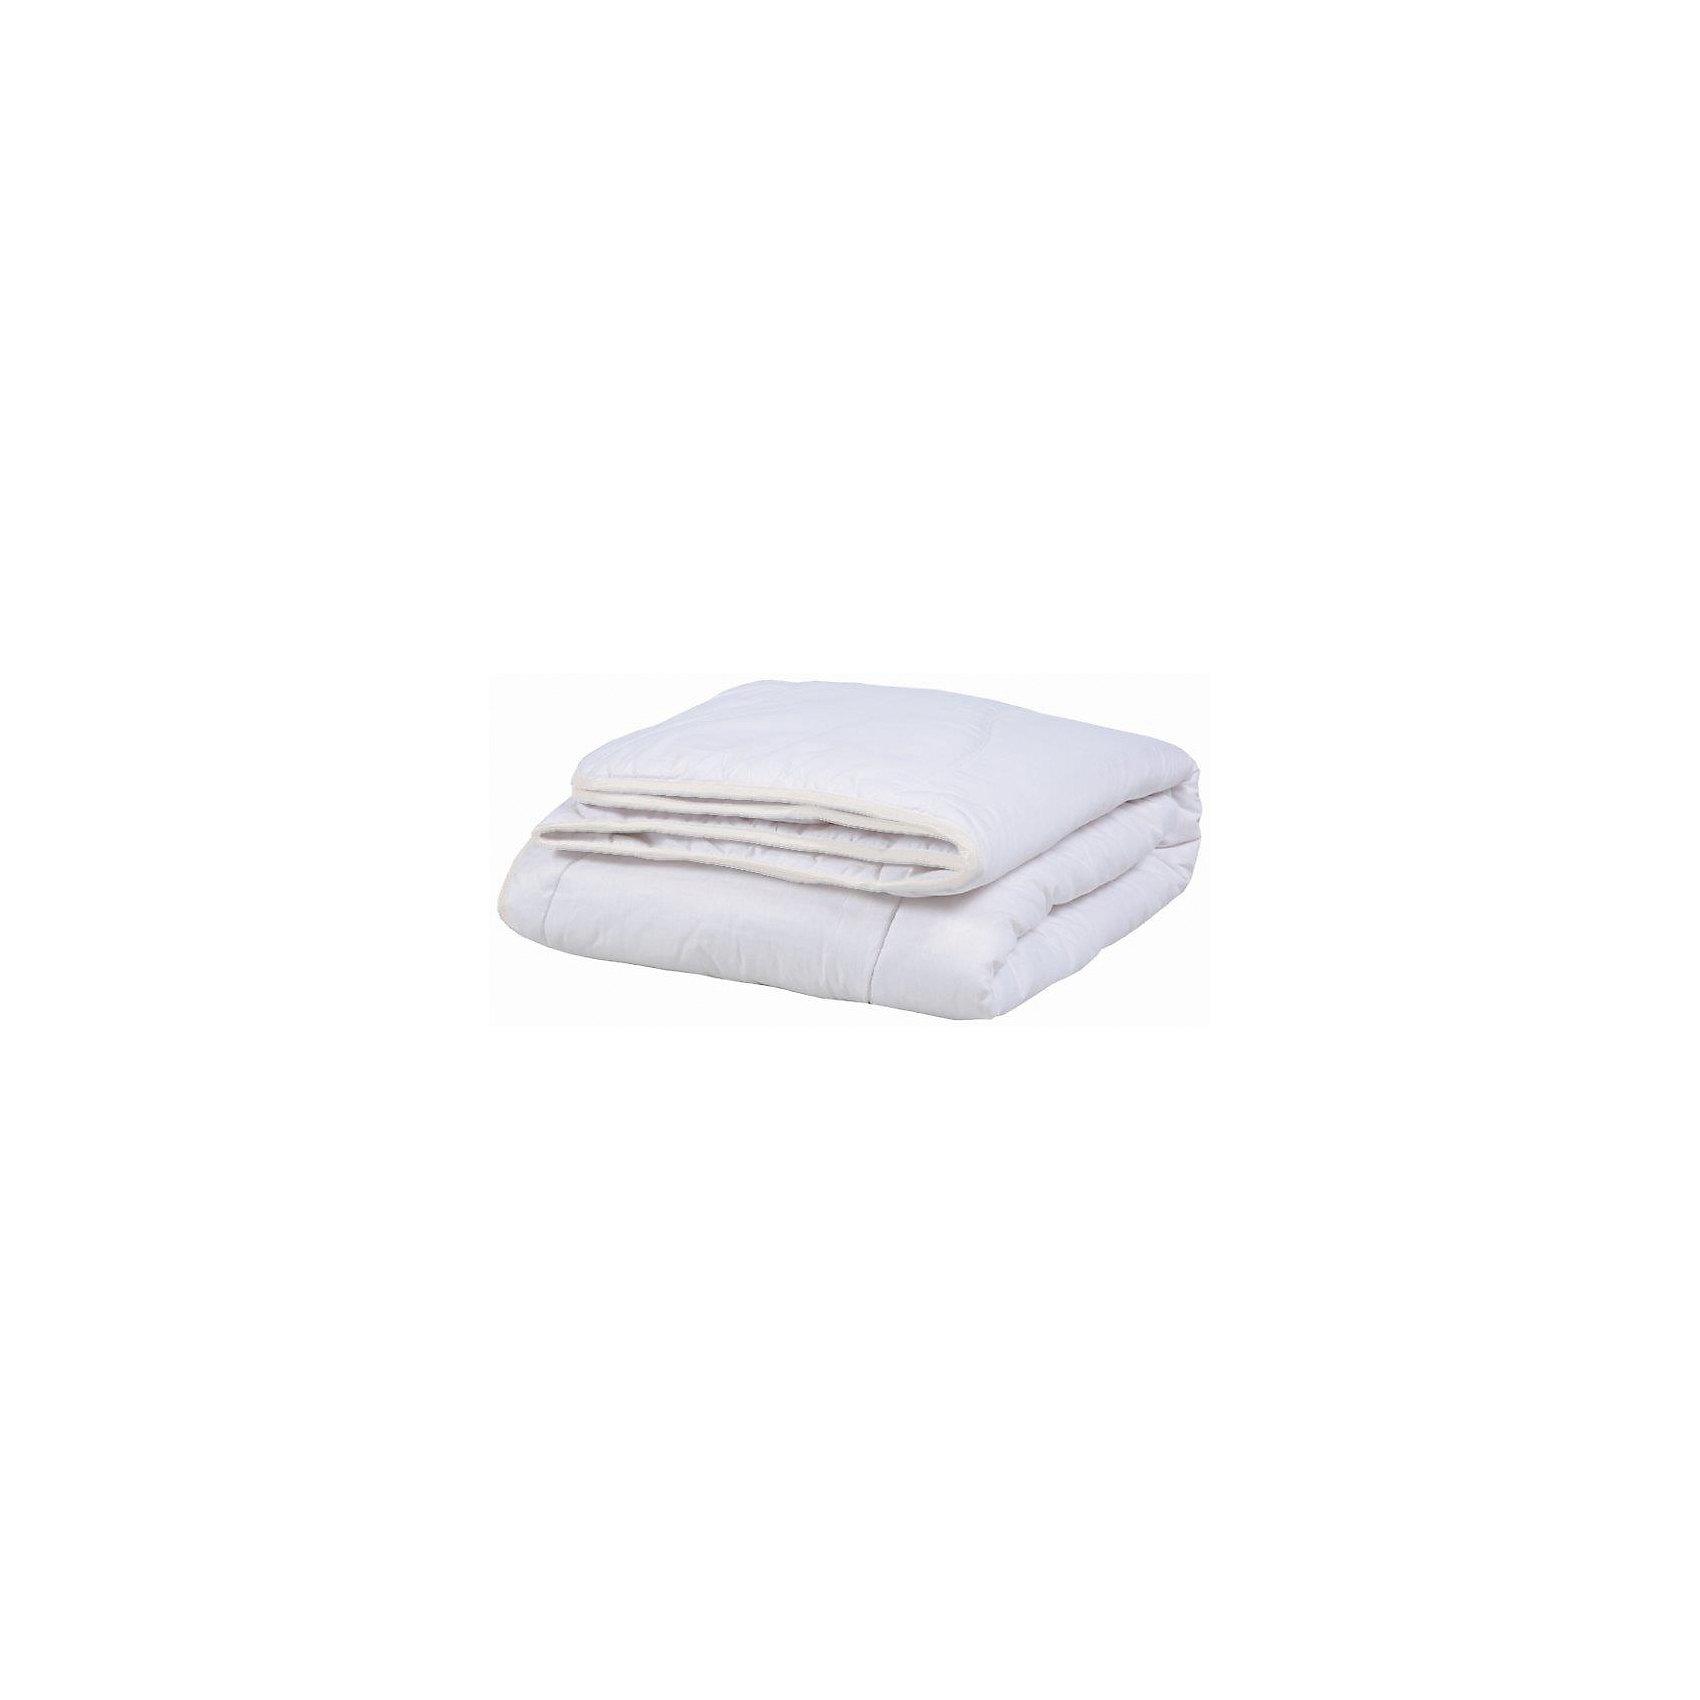 Одеяло 170*205 с хлопковым волокном, Mona LizaДомашний текстиль<br>Характеристики:<br><br>• размер одеяла: 170х205 см<br>• материал верха: шатель (50% хлопок, 50% полиэстер<br>• наполнитель: пласт (30% хлопок, 70% полиэфир)<br>• плотность наполнителя: 200 г/м2<br>• размер упаковки: 47х25х47 см<br>• вес: 1600 грамм<br><br>Одеяло Mona Liza с наполнителем из хлопкового волокна отлично подойдет даже для людей с чувствительной кожей. Оно пропускает воздух, впитывает лишнюю влагу и обладает гипоаллергенностью. Наполнитель не собирается в комки, практически не электризуется и обеспечивает правильную терморегуляцию.<br><br>Одеяло 170*205 с хлопковым волокном, Mona Liza (Мона Лиза) вы можете купить в нашем интернет-магазине.<br><br>Ширина мм: 470<br>Глубина мм: 250<br>Высота мм: 470<br>Вес г: 1600<br>Возраст от месяцев: 84<br>Возраст до месяцев: 600<br>Пол: Унисекс<br>Возраст: Детский<br>SKU: 6765297